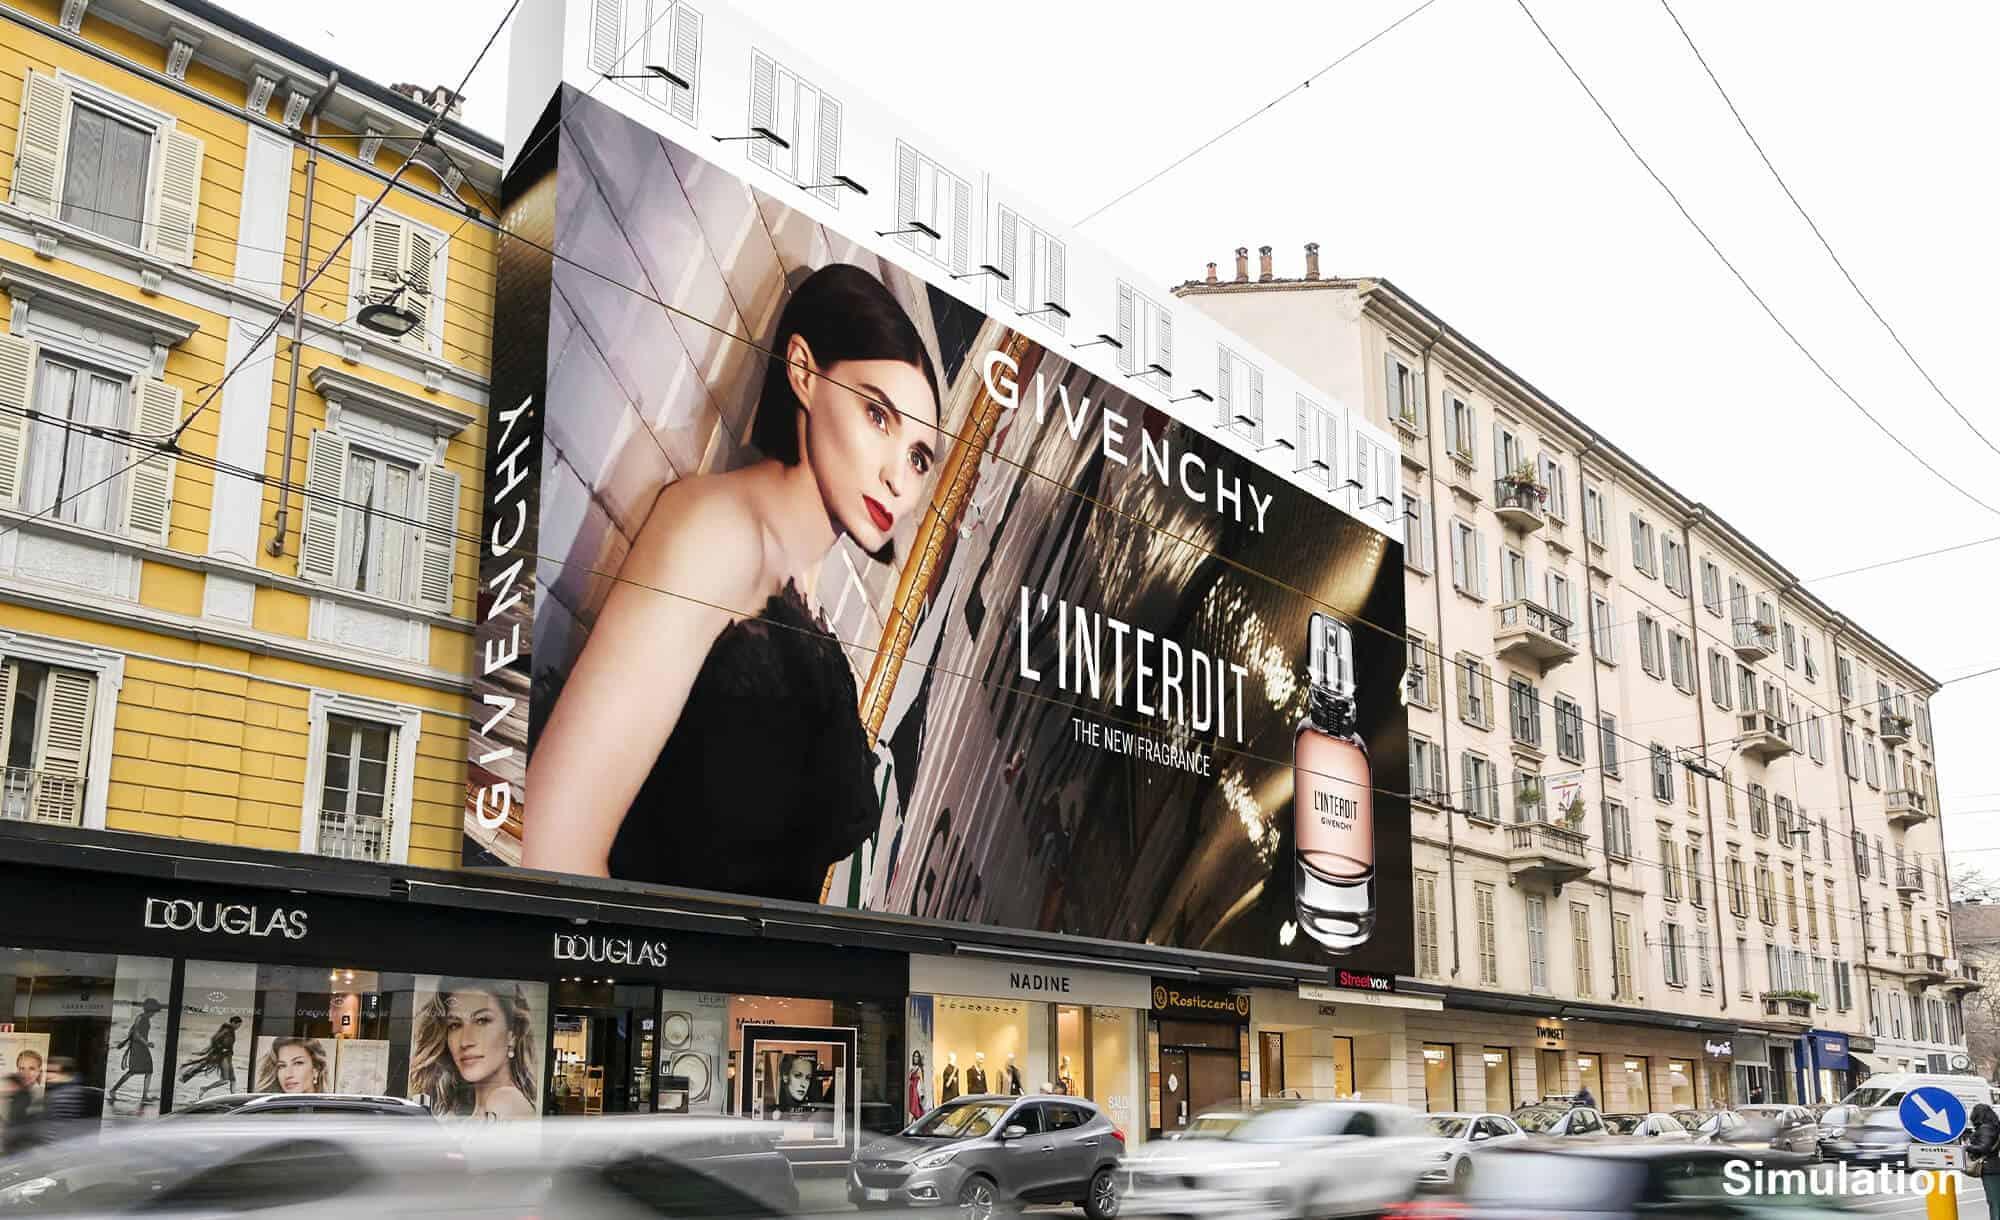 Maxi Affissione a Milano in Corso Vercelli 8 di Givenchy (moda)